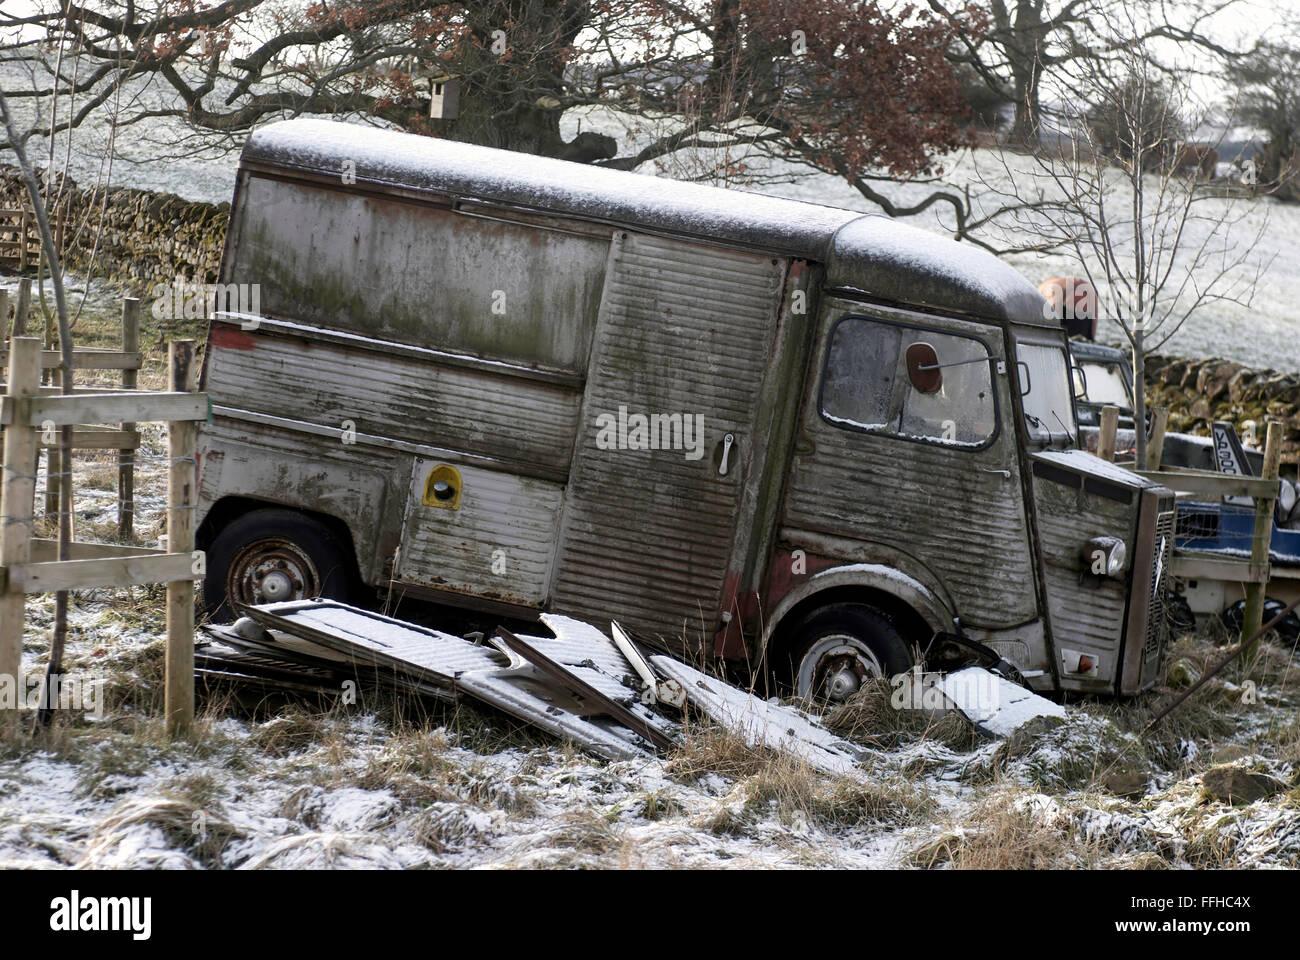 Citroën HY van / francés antiguo van Foto de stock